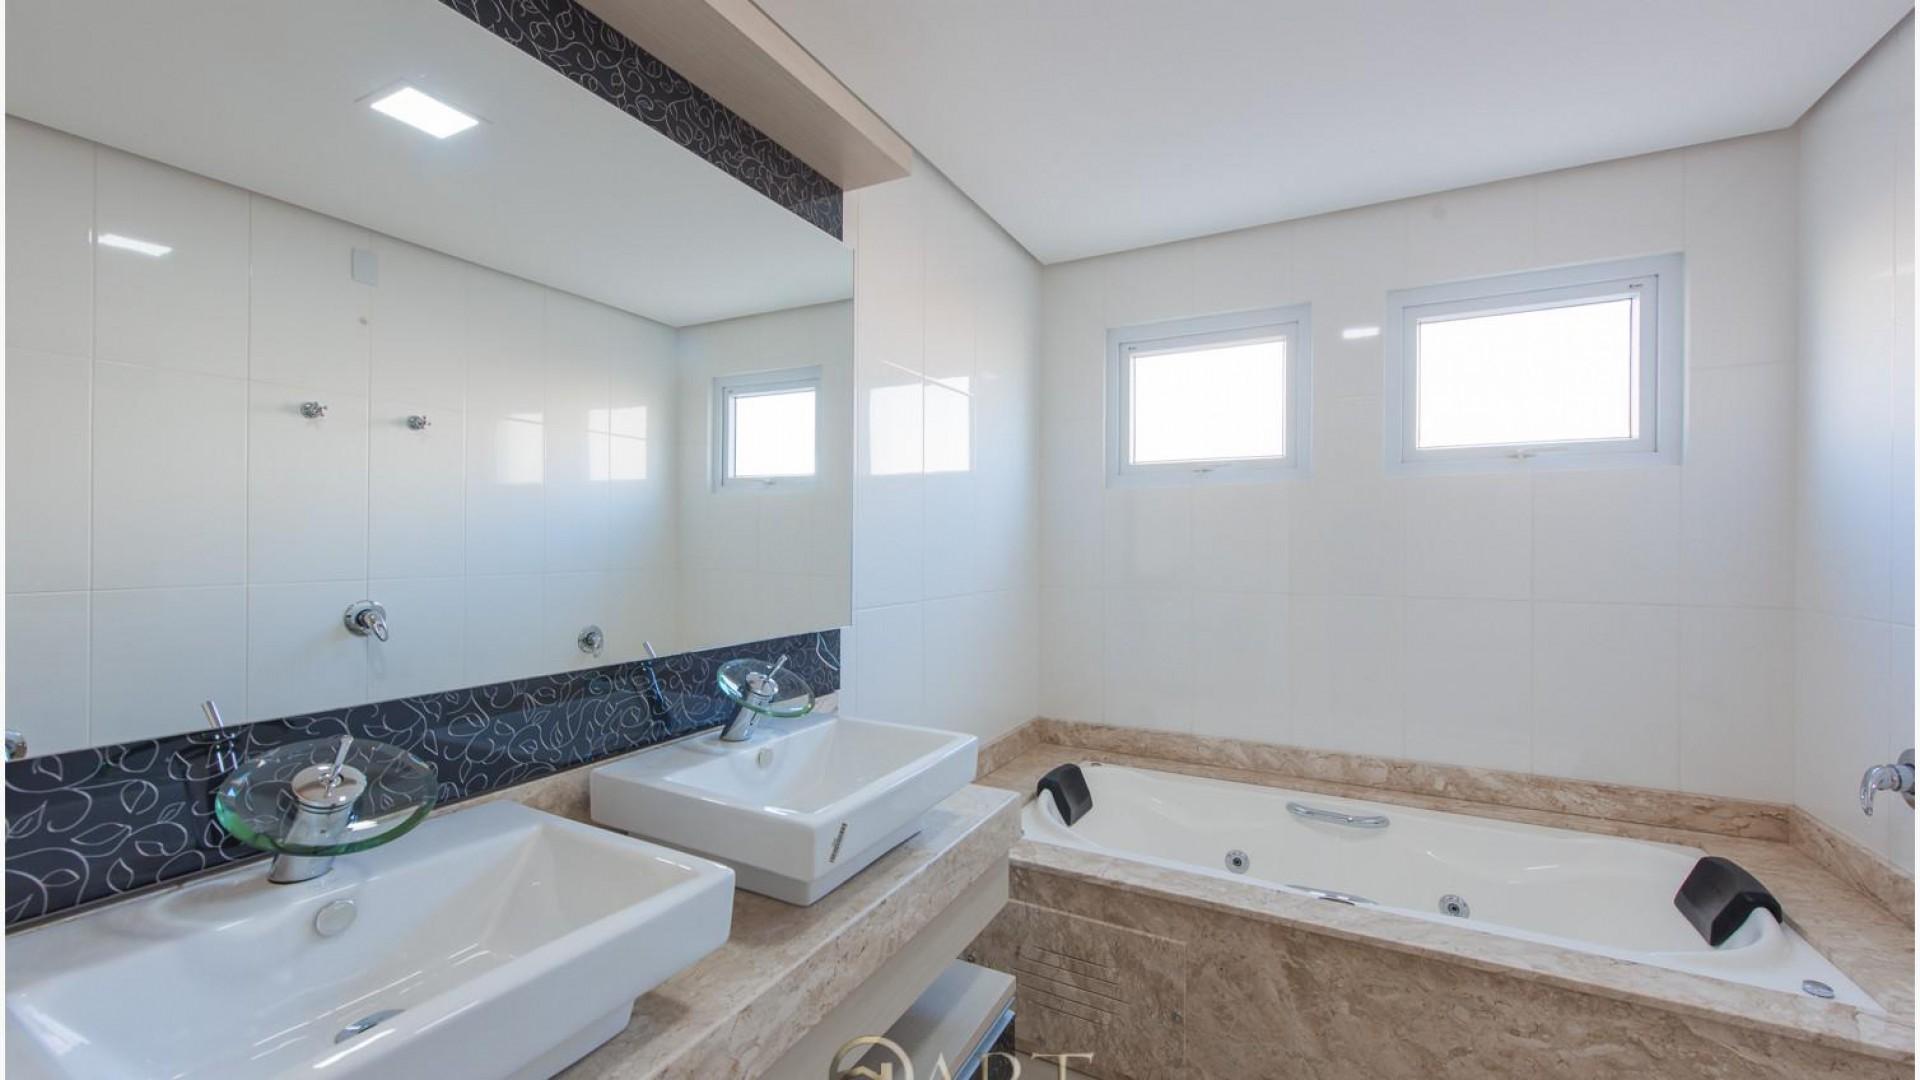 Apartamento com 3 suítes abastecido com Água Termal em Termas do Gravatal - Foto 9 Lavabo